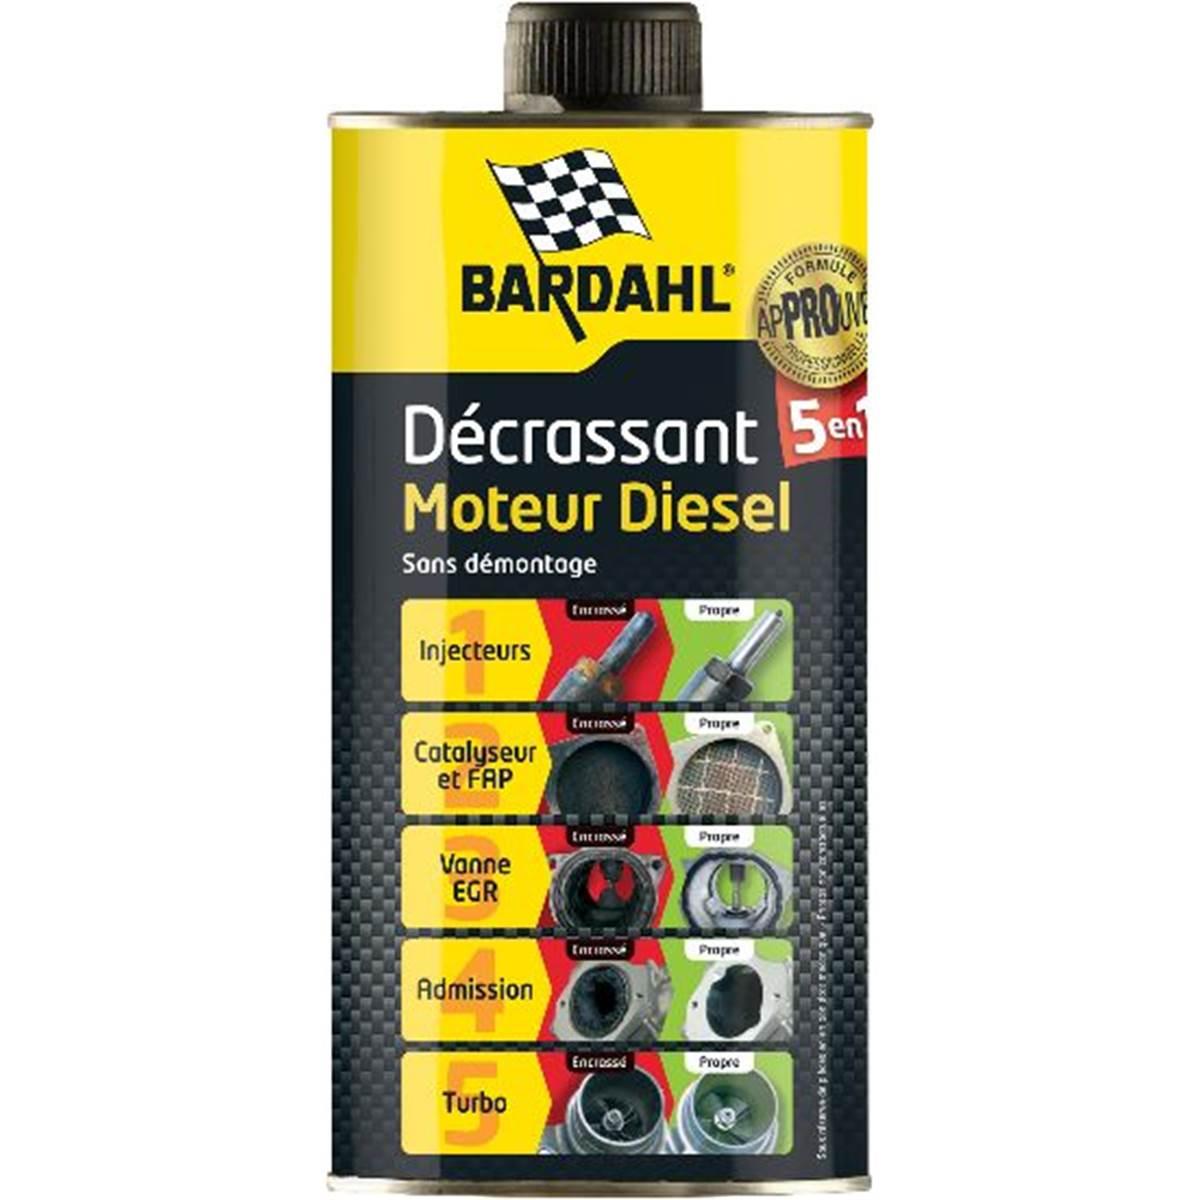 Décrassant moteur 5 en 1 Diesel Bardahl 1 L